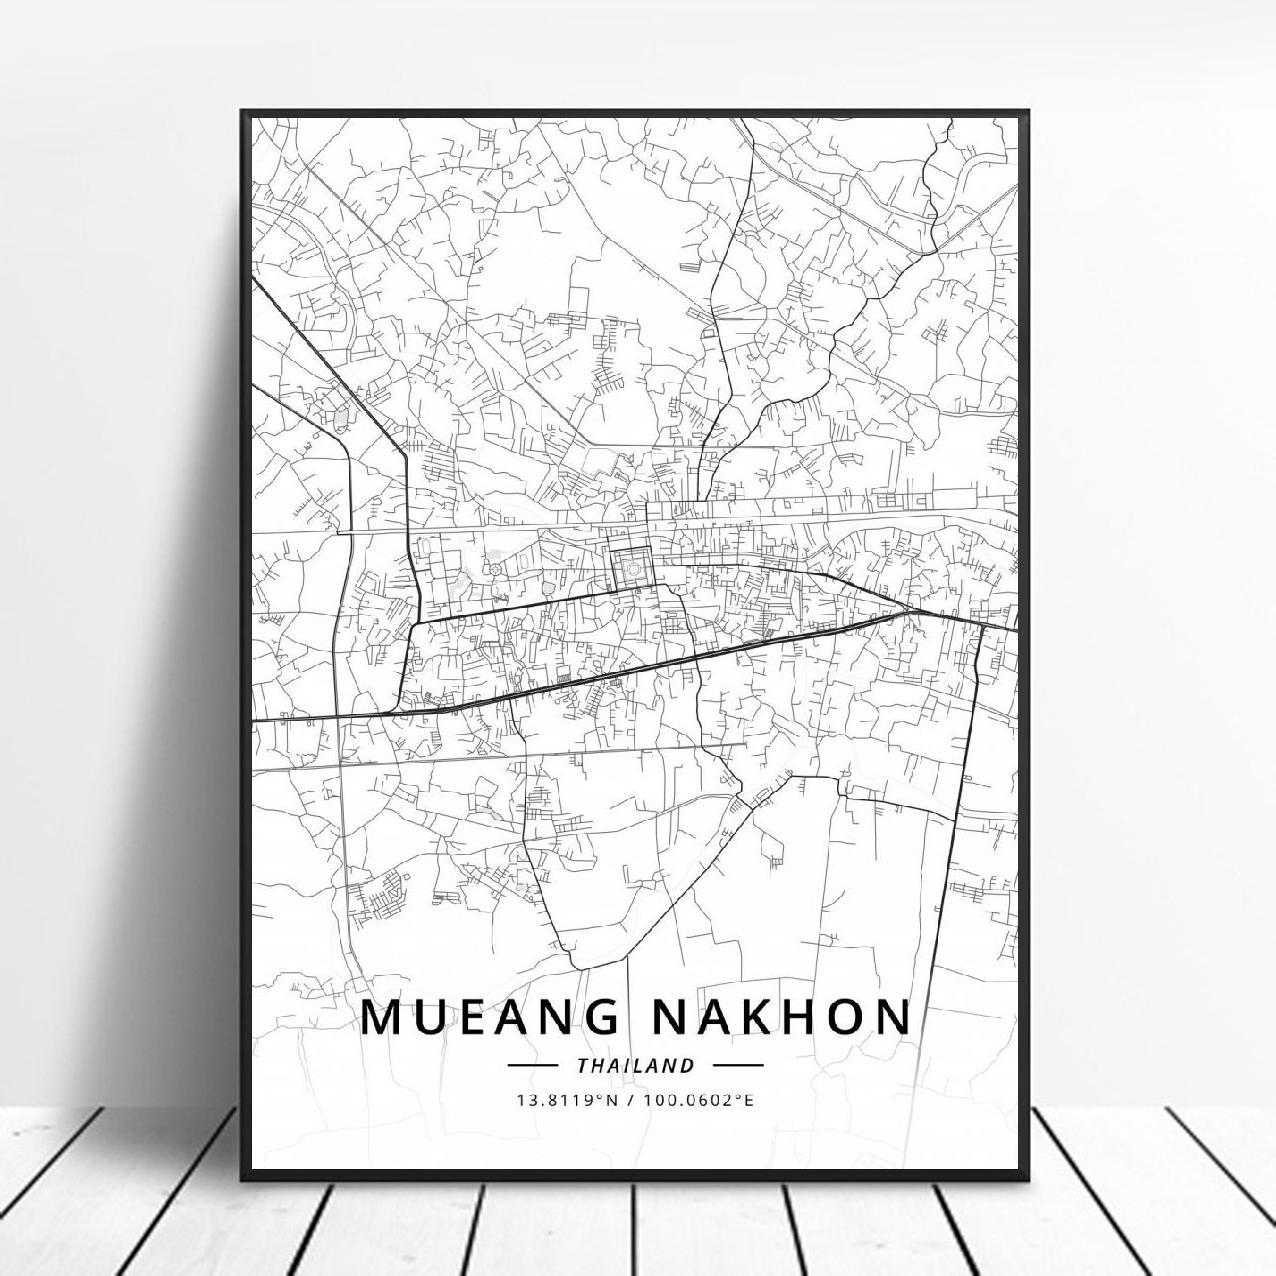 Mueang nakhon Chon Burl Bangkok Pattaya Chiang Mai Udon Thani  Phuket Thailand Canvas Art Map Poster